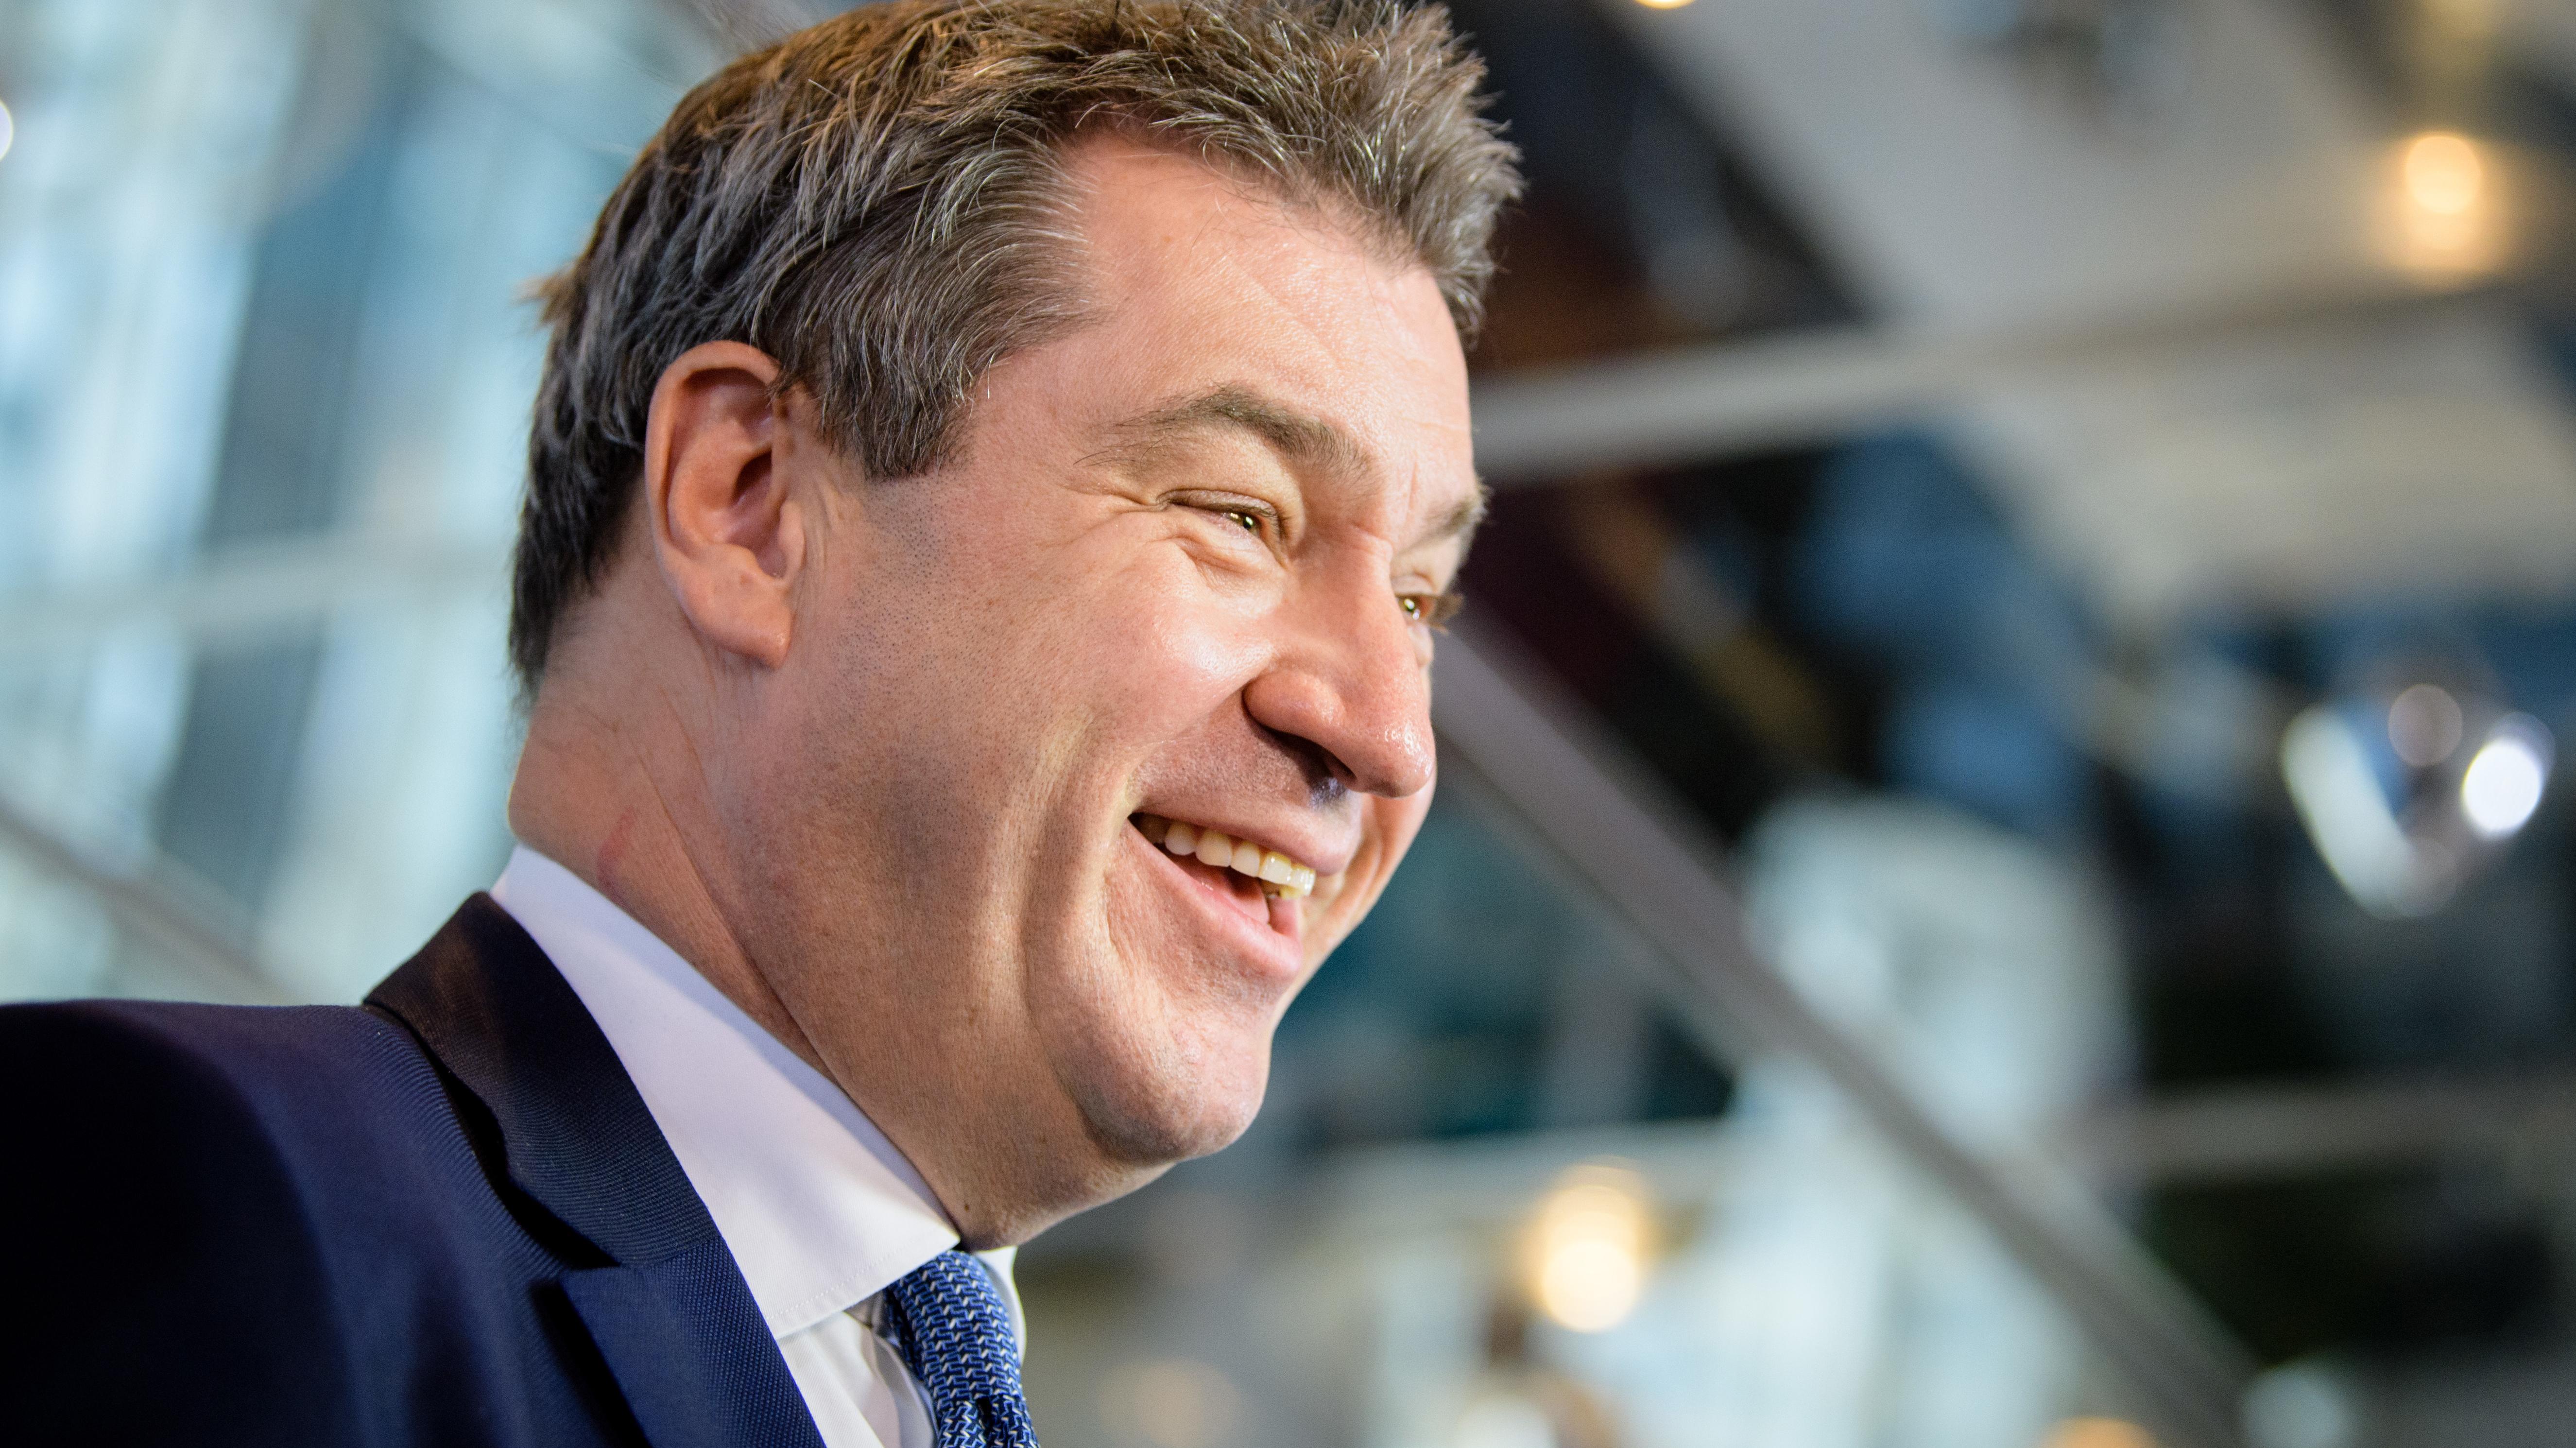 Gutes Zeugnis für Ministerpräsident Markus Söder im BR-BayernTrend